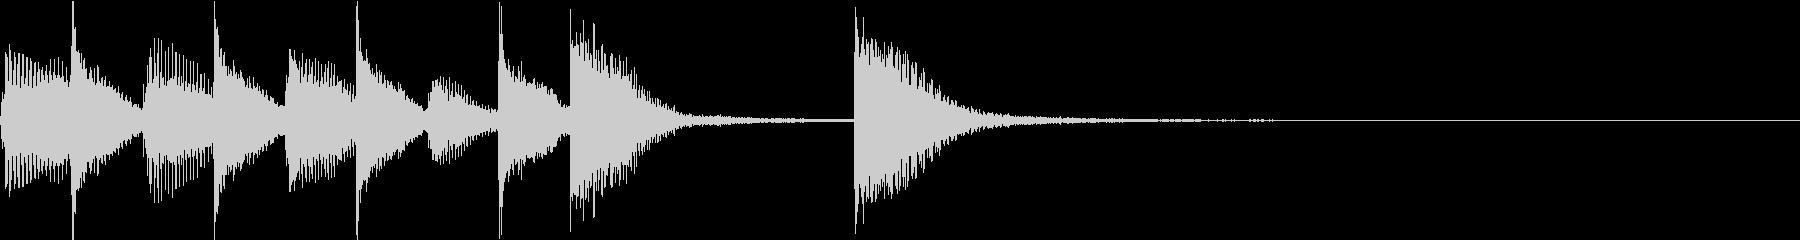 ピアノジングル 幼児向けアニメ系F-01の未再生の波形